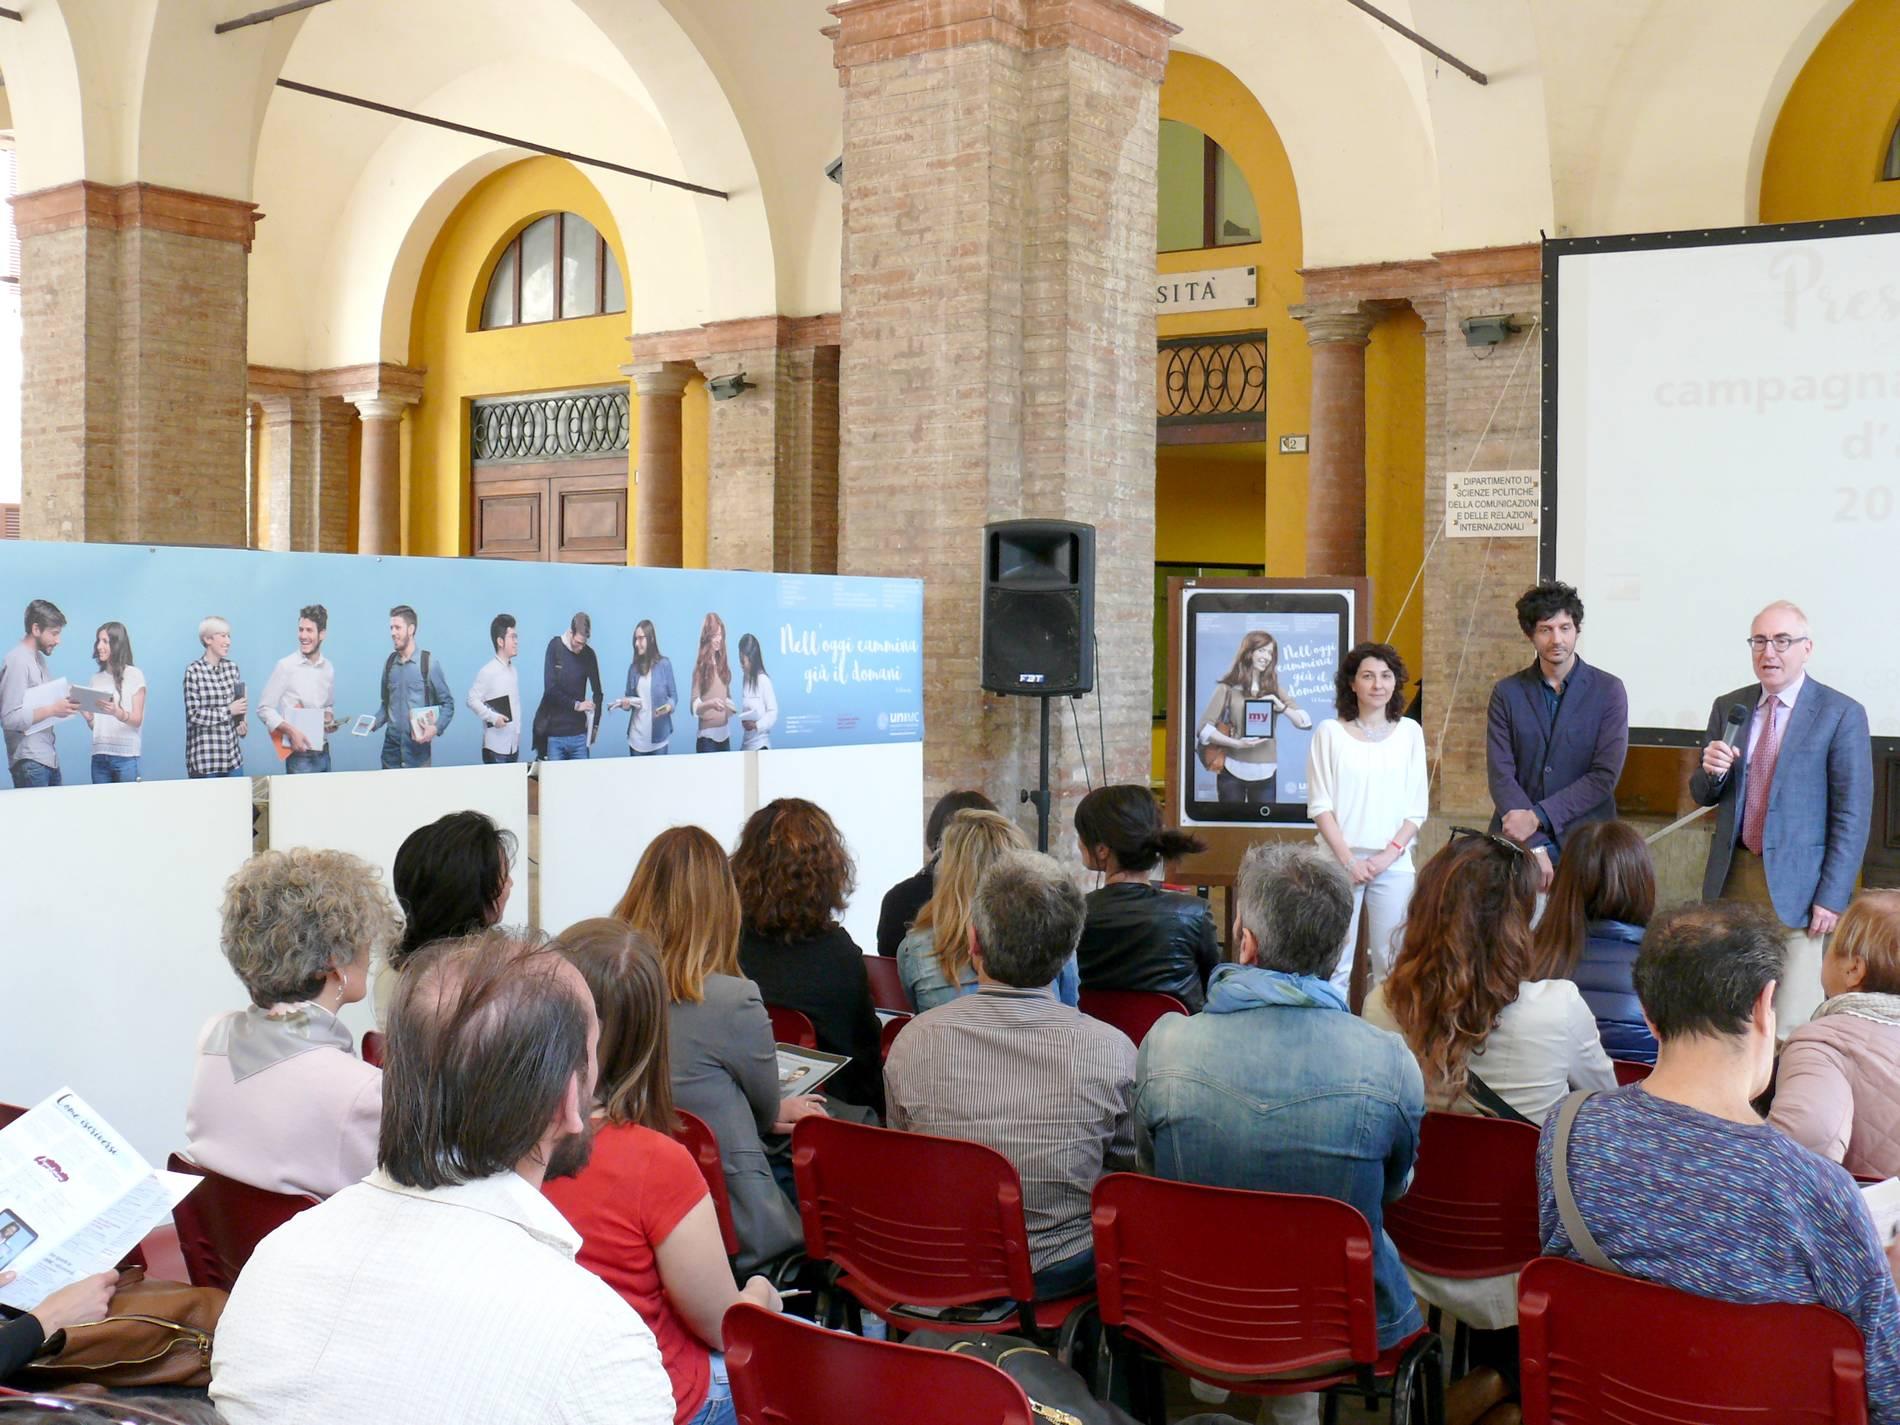 La nuova campagna pubblicitaria dell'Università di Macerata